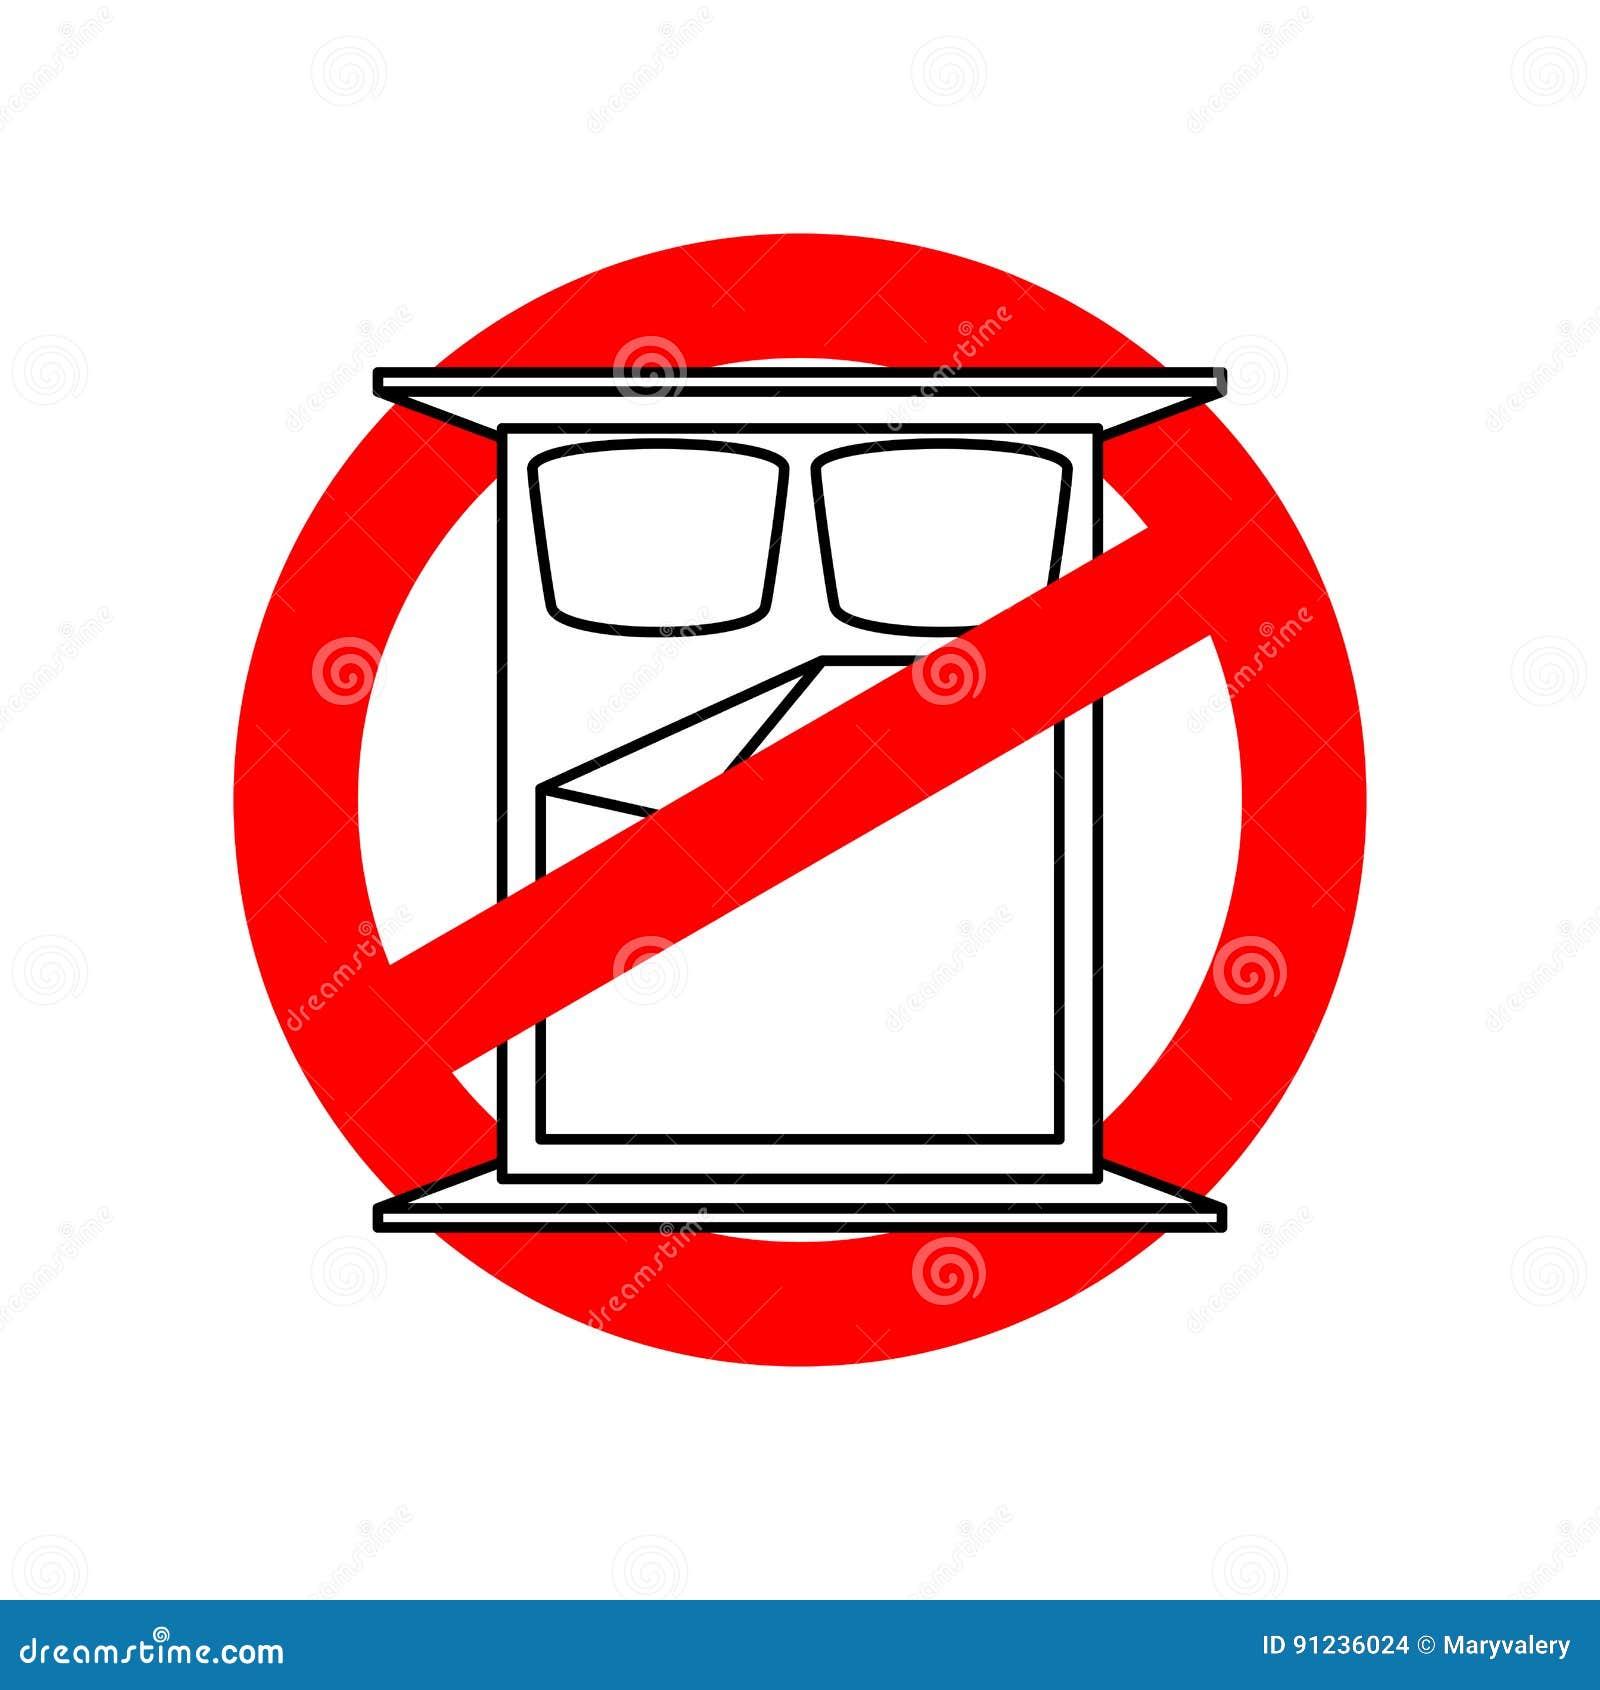 stoppen sie um zu schlafen es ist zum schlafen verboten strikethrough bett an vektor abbildung. Black Bedroom Furniture Sets. Home Design Ideas